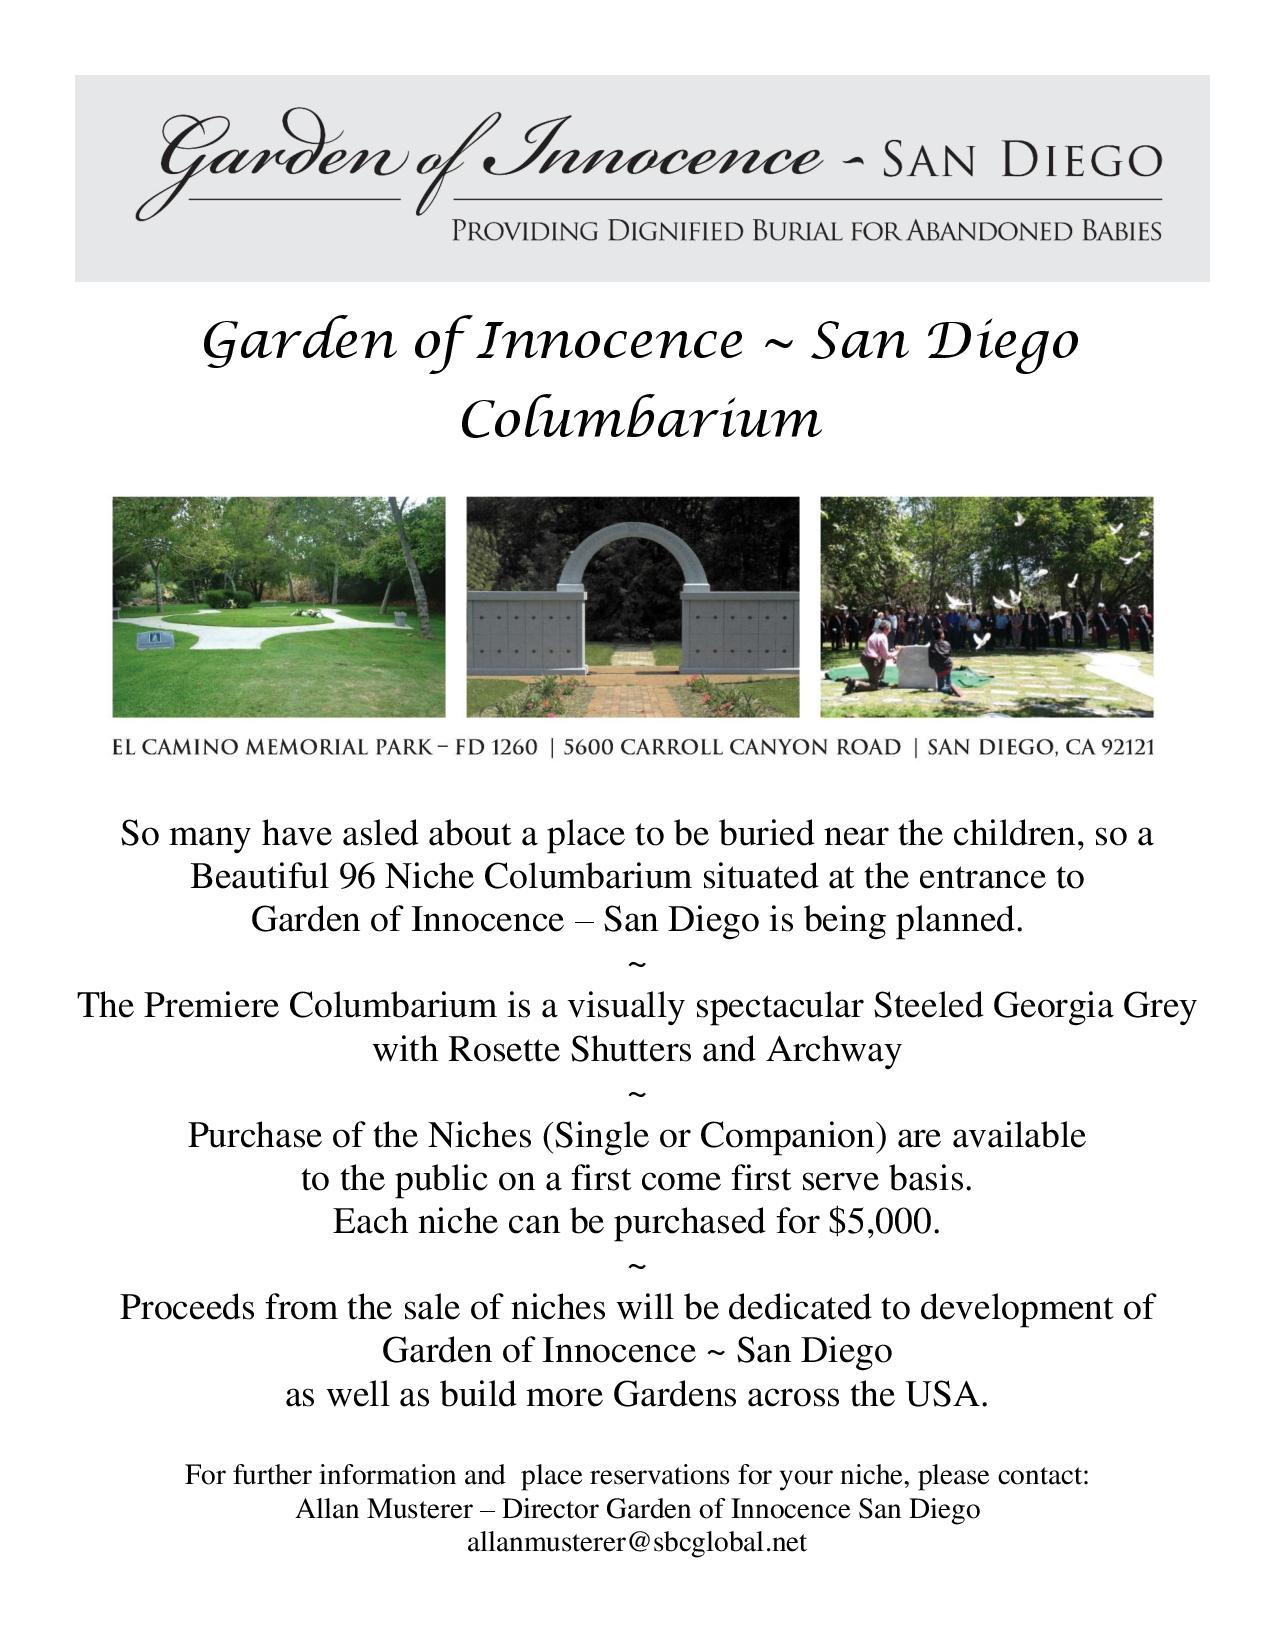 Columbarium Niche Fundraiser